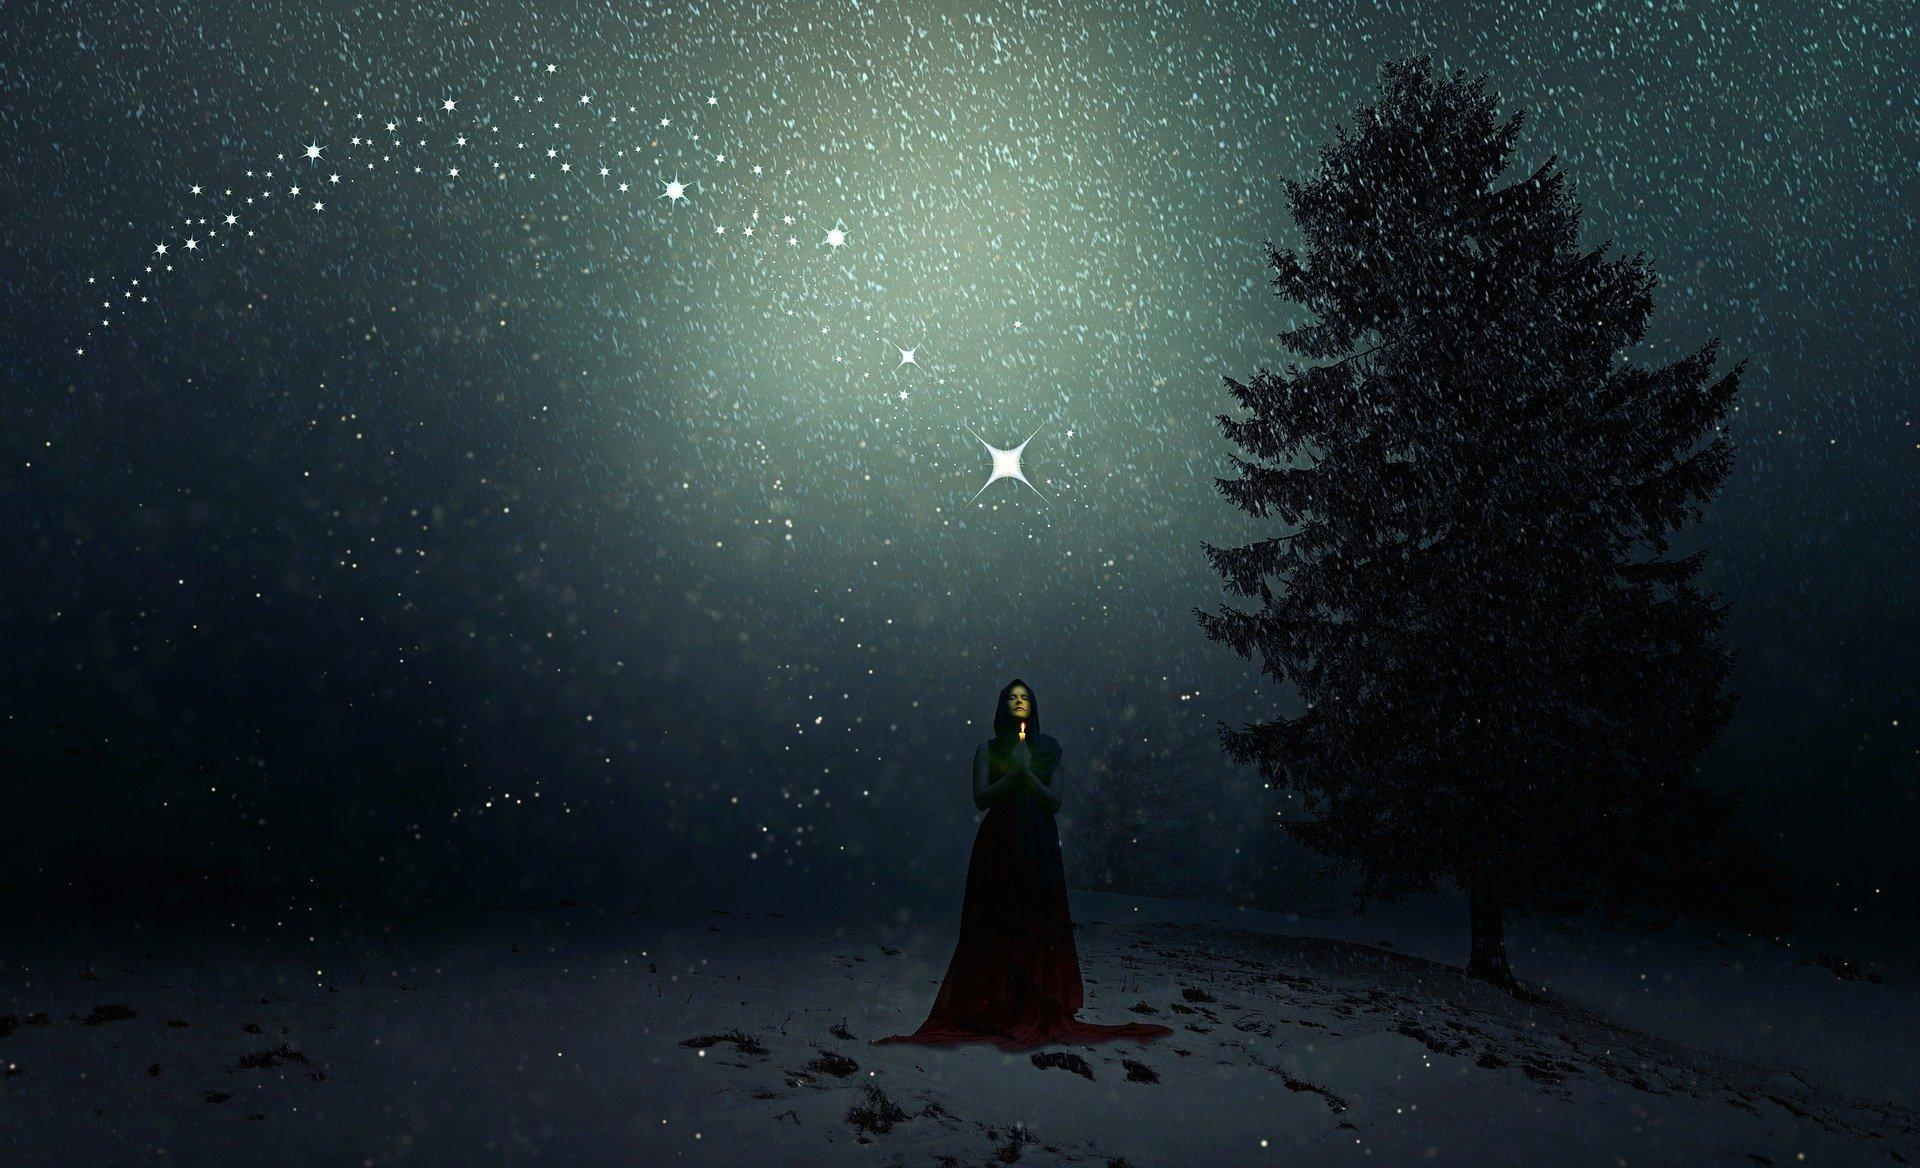 donna di notte con mantella lunga che tiene in mano una piccola luce mentre si rivolge alle stelle lucenti in cielo